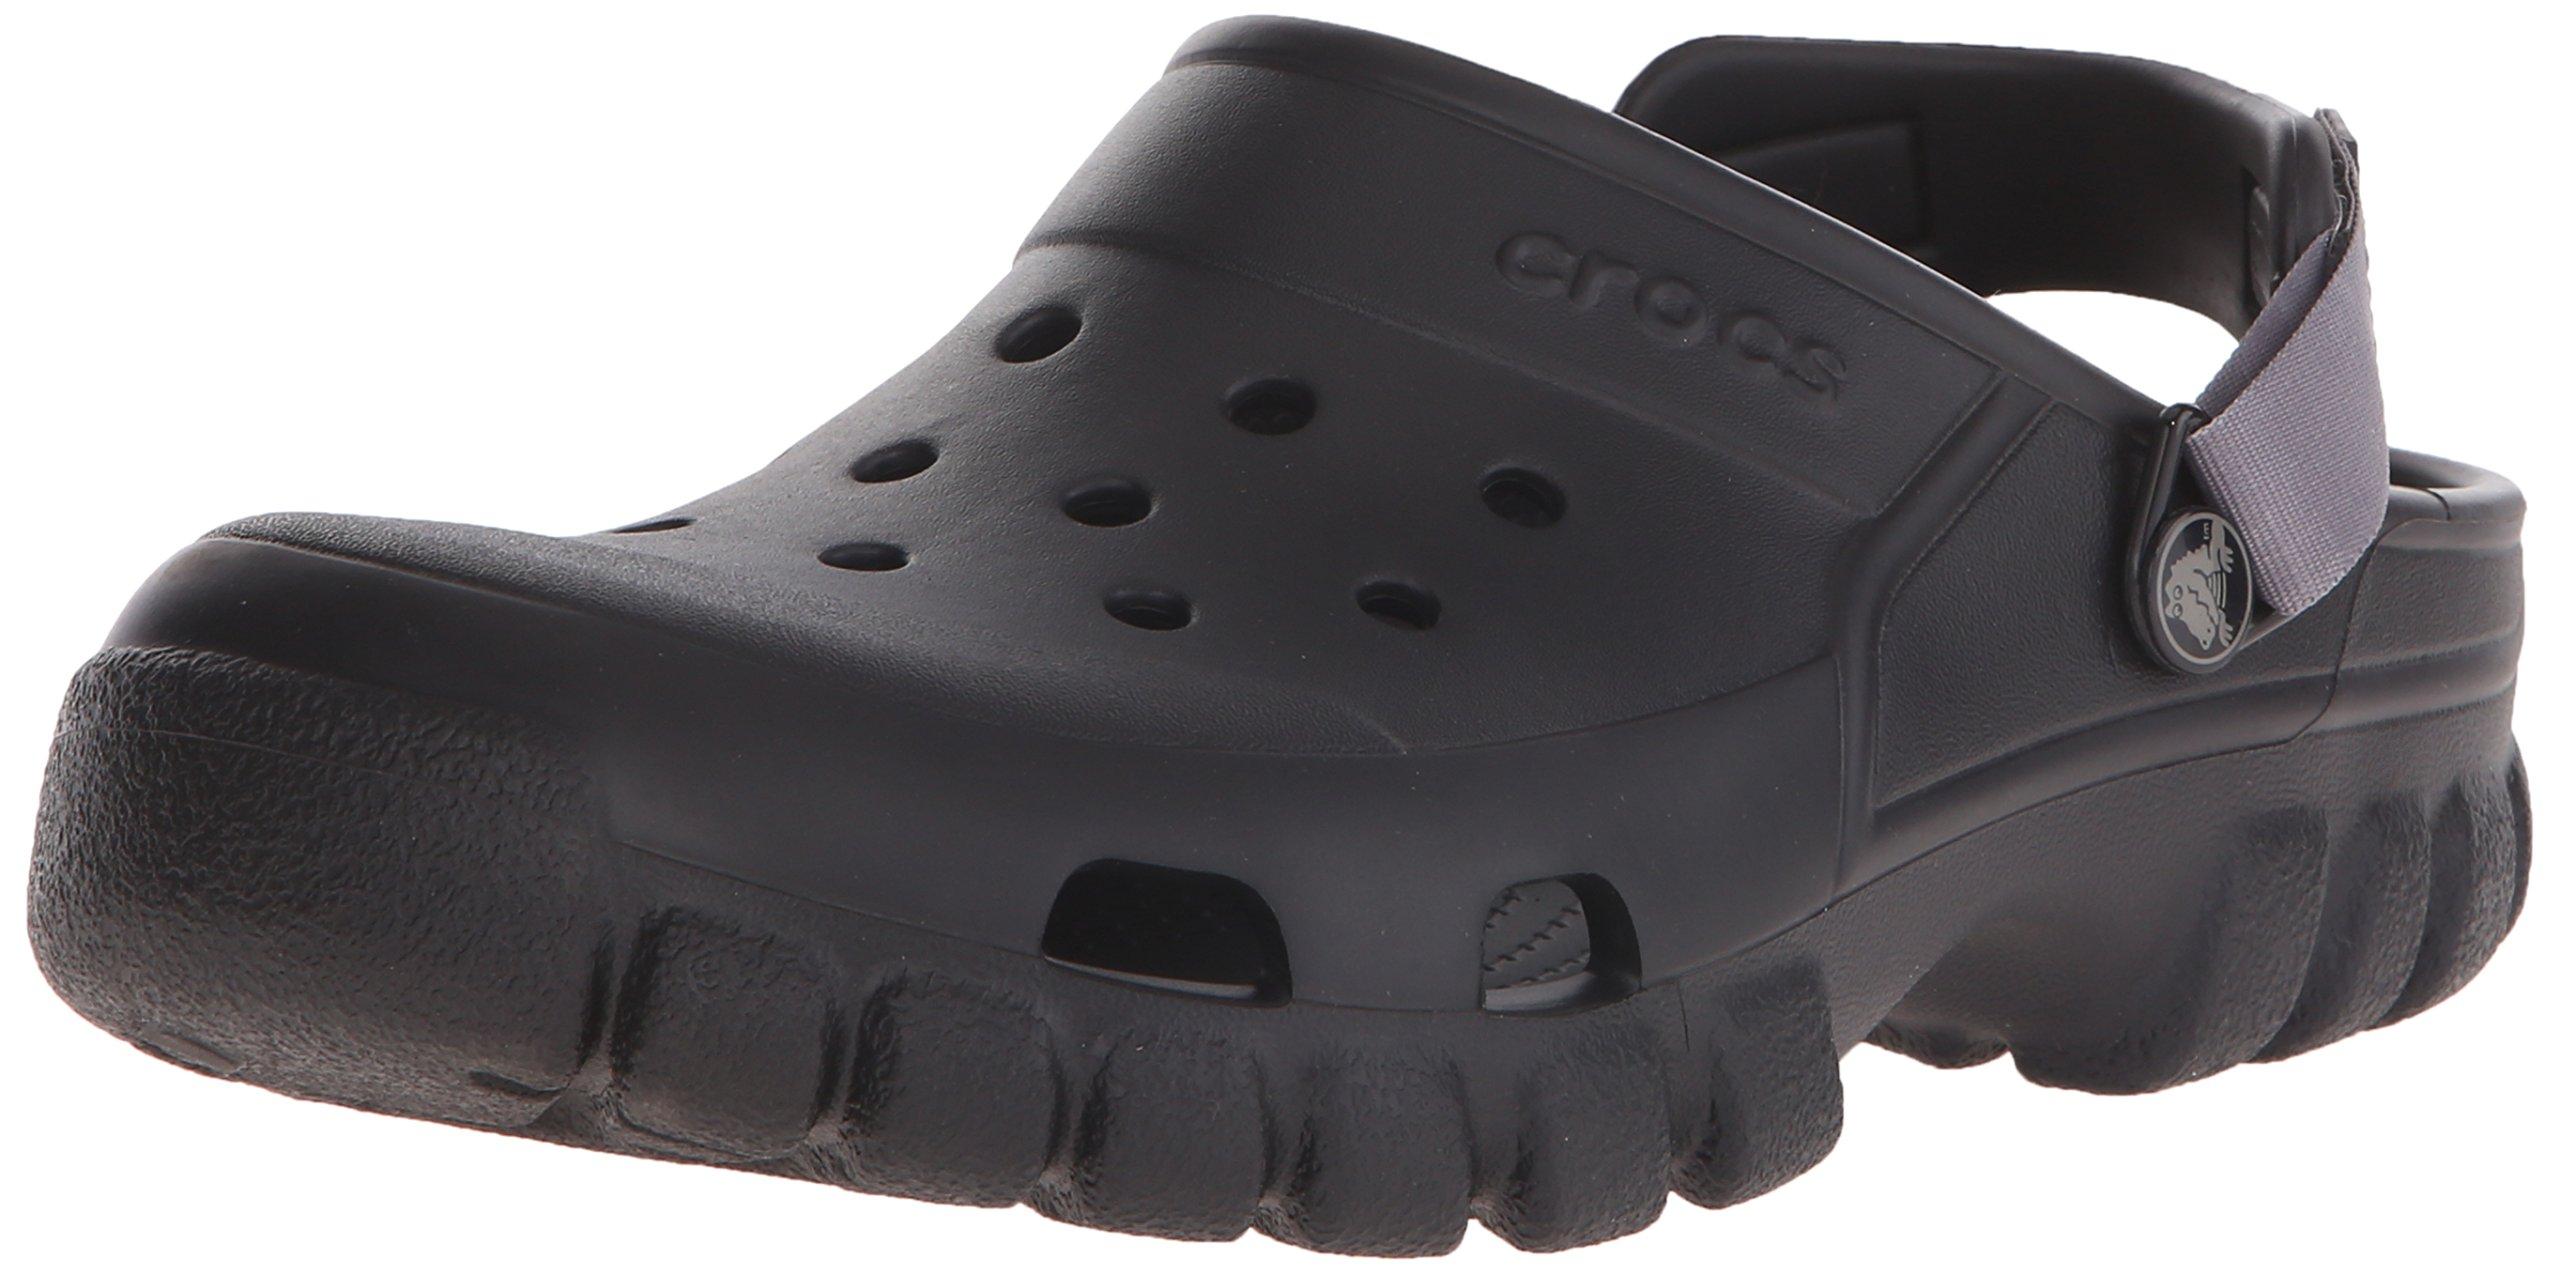 crocs Unisex Offroad Sport Clog,  Black/Graphite, 9 M (D) US Men / 11 M (B) US Women